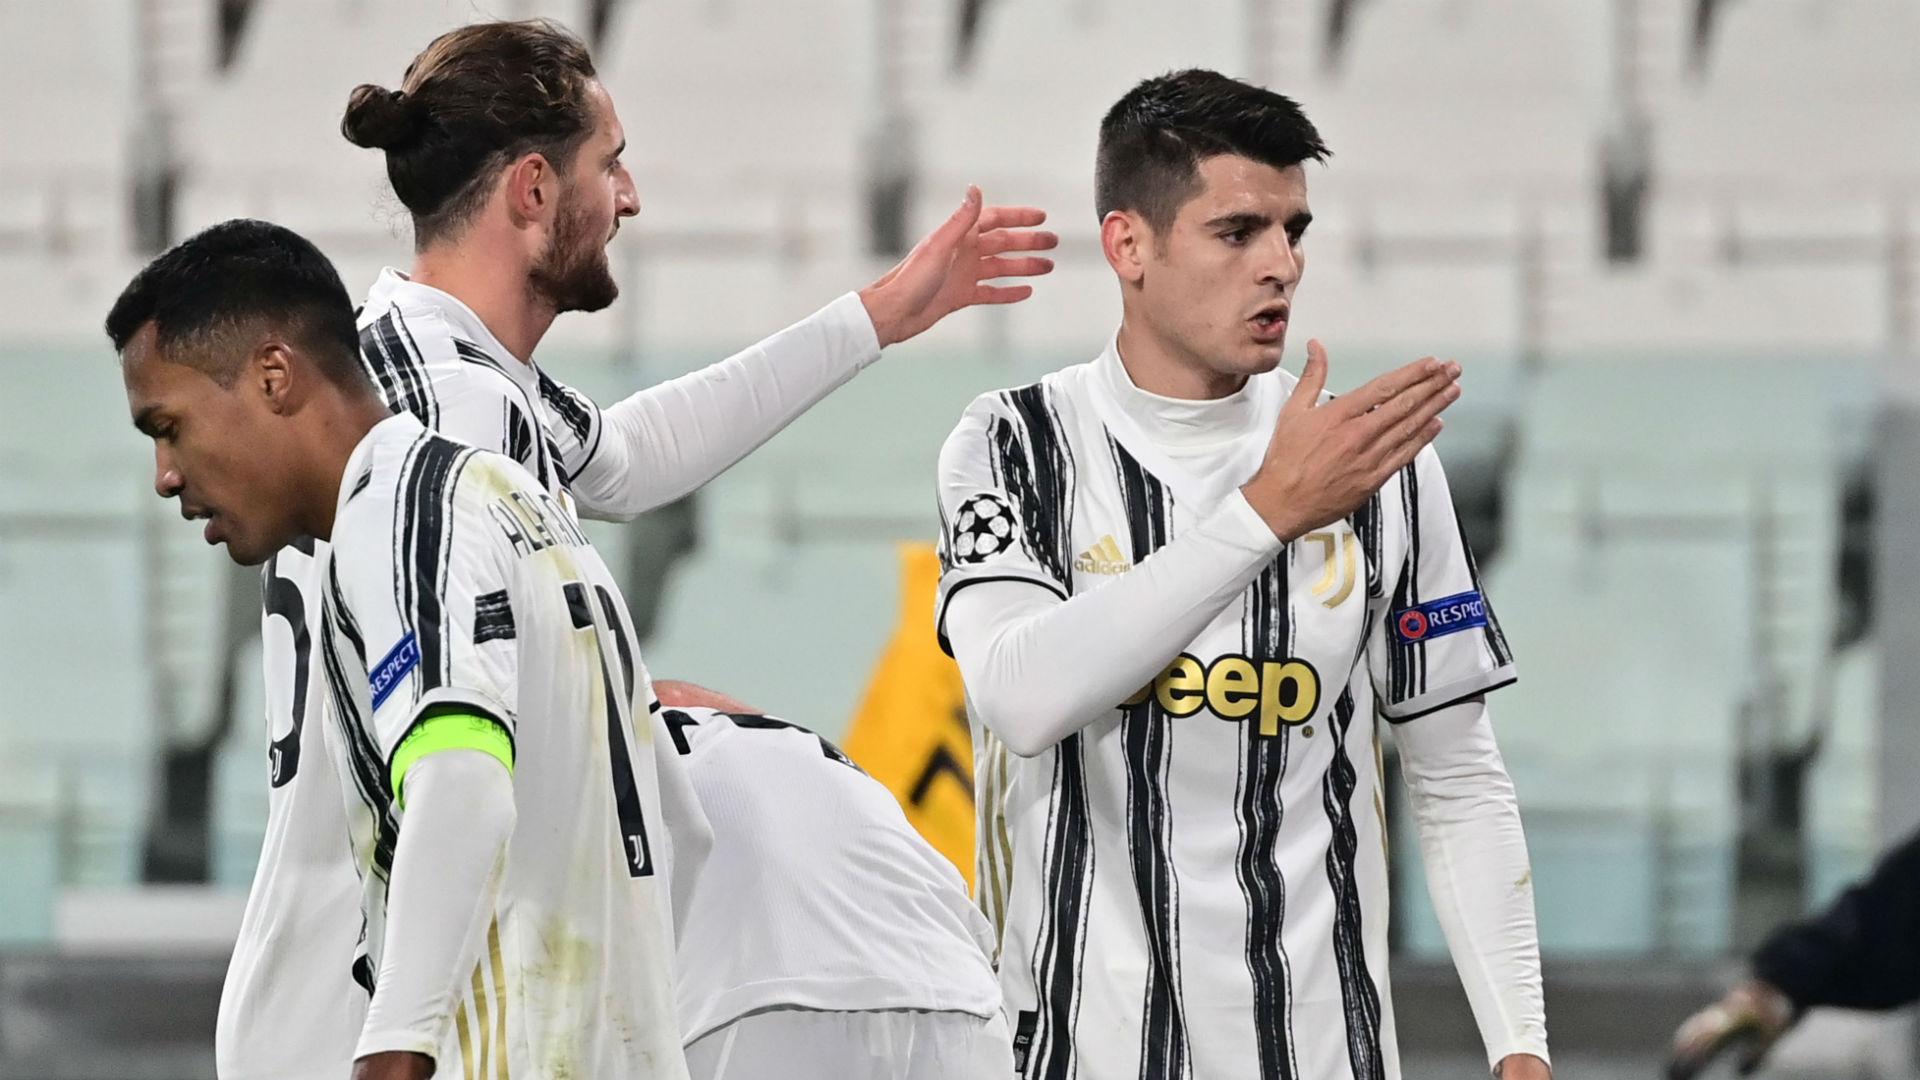 Juventus v Ferencváros Wedstrijdverslag, 24-11-20, UEFA Champions League |  Goal.com